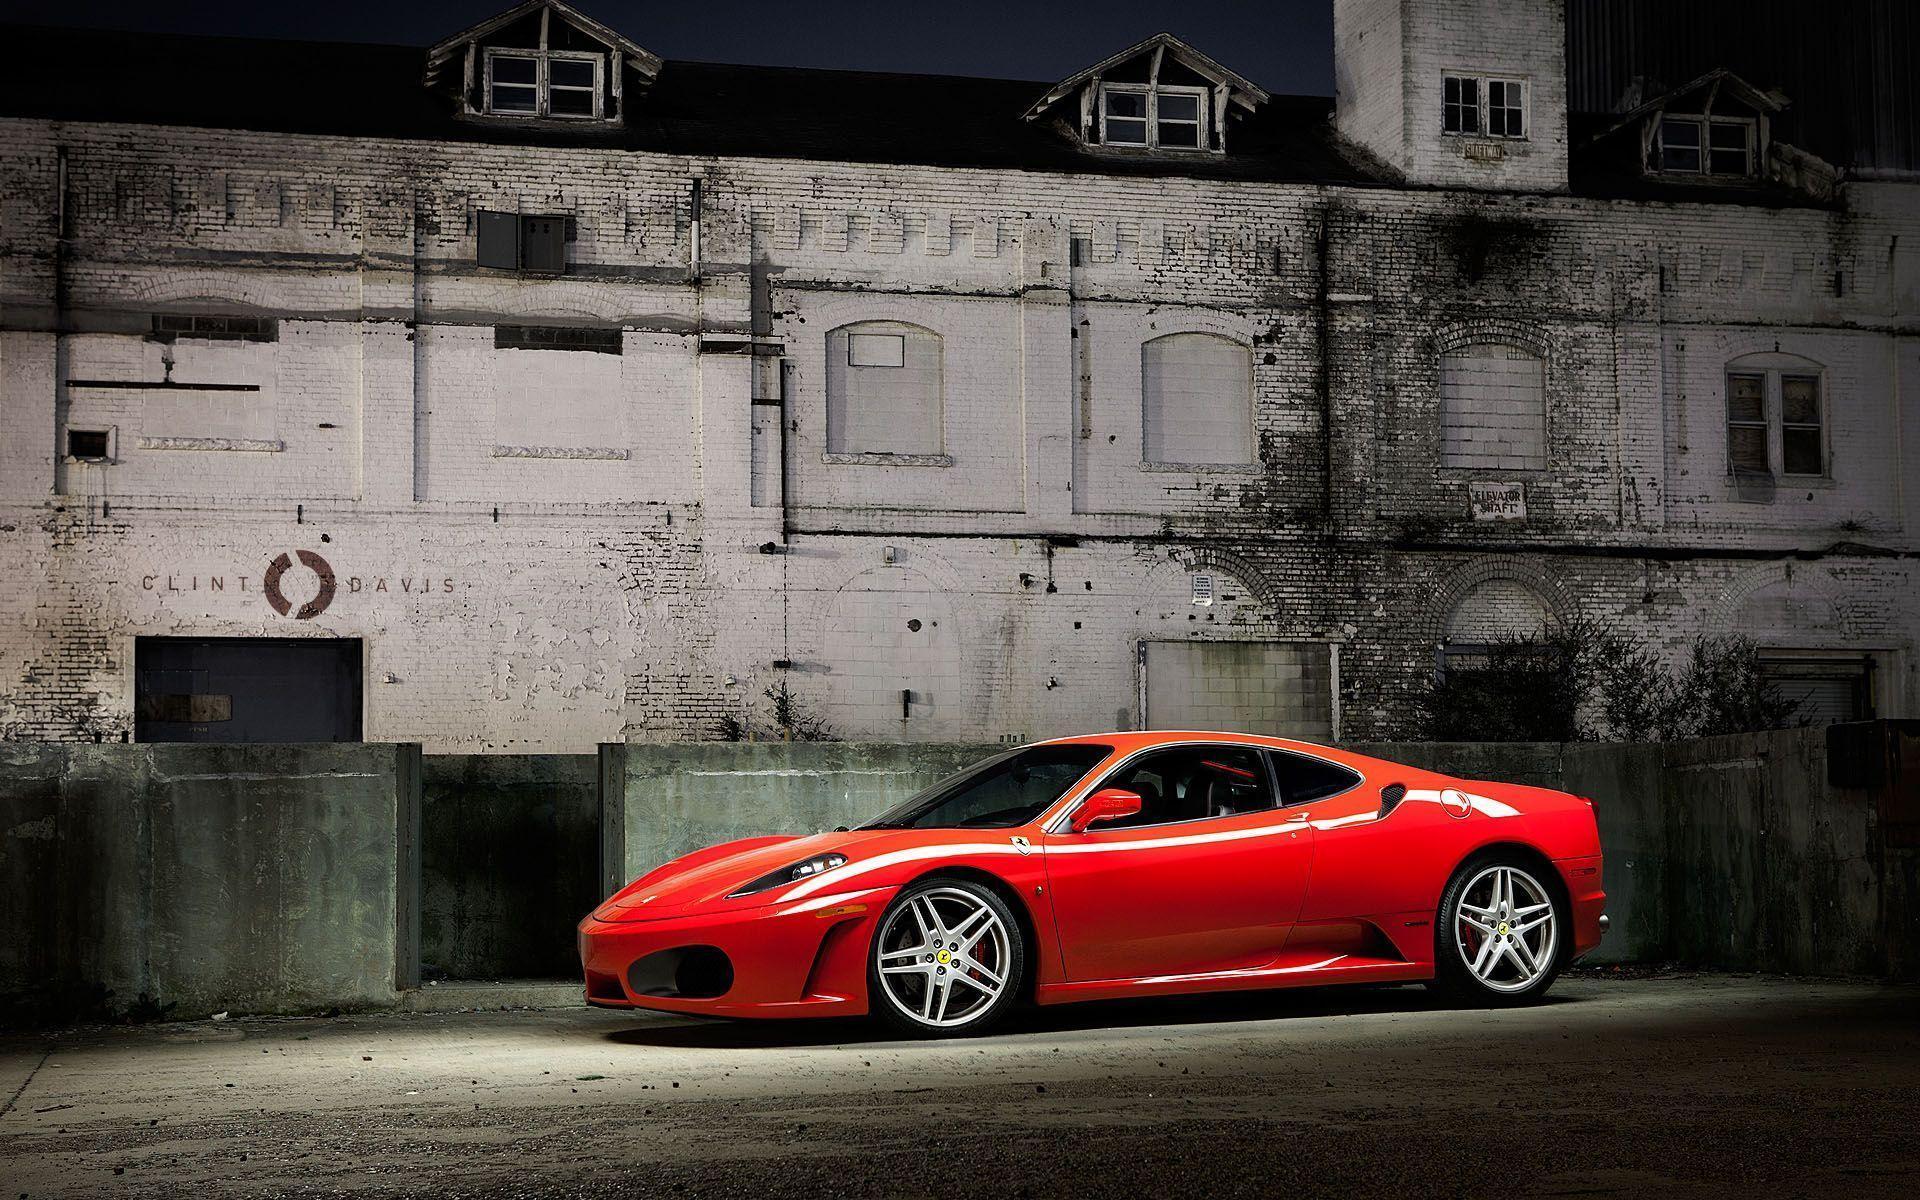 Ferrari F430 Wallpapers Wallpaper Cave